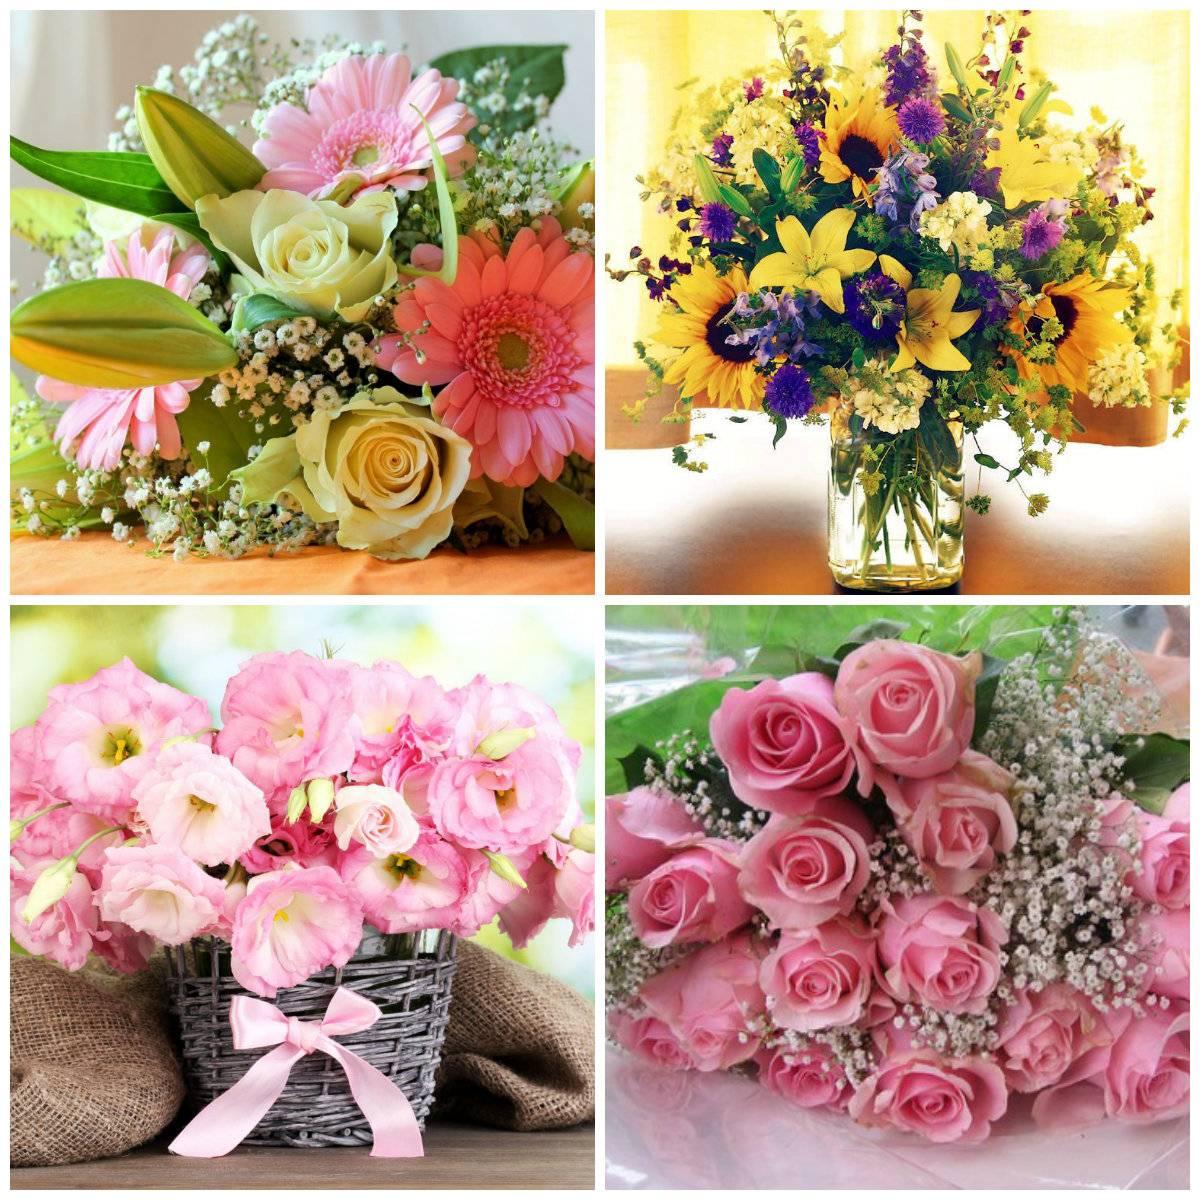 Значение количества цветов в букете: сколько можно дарить живому человеку на день рождения